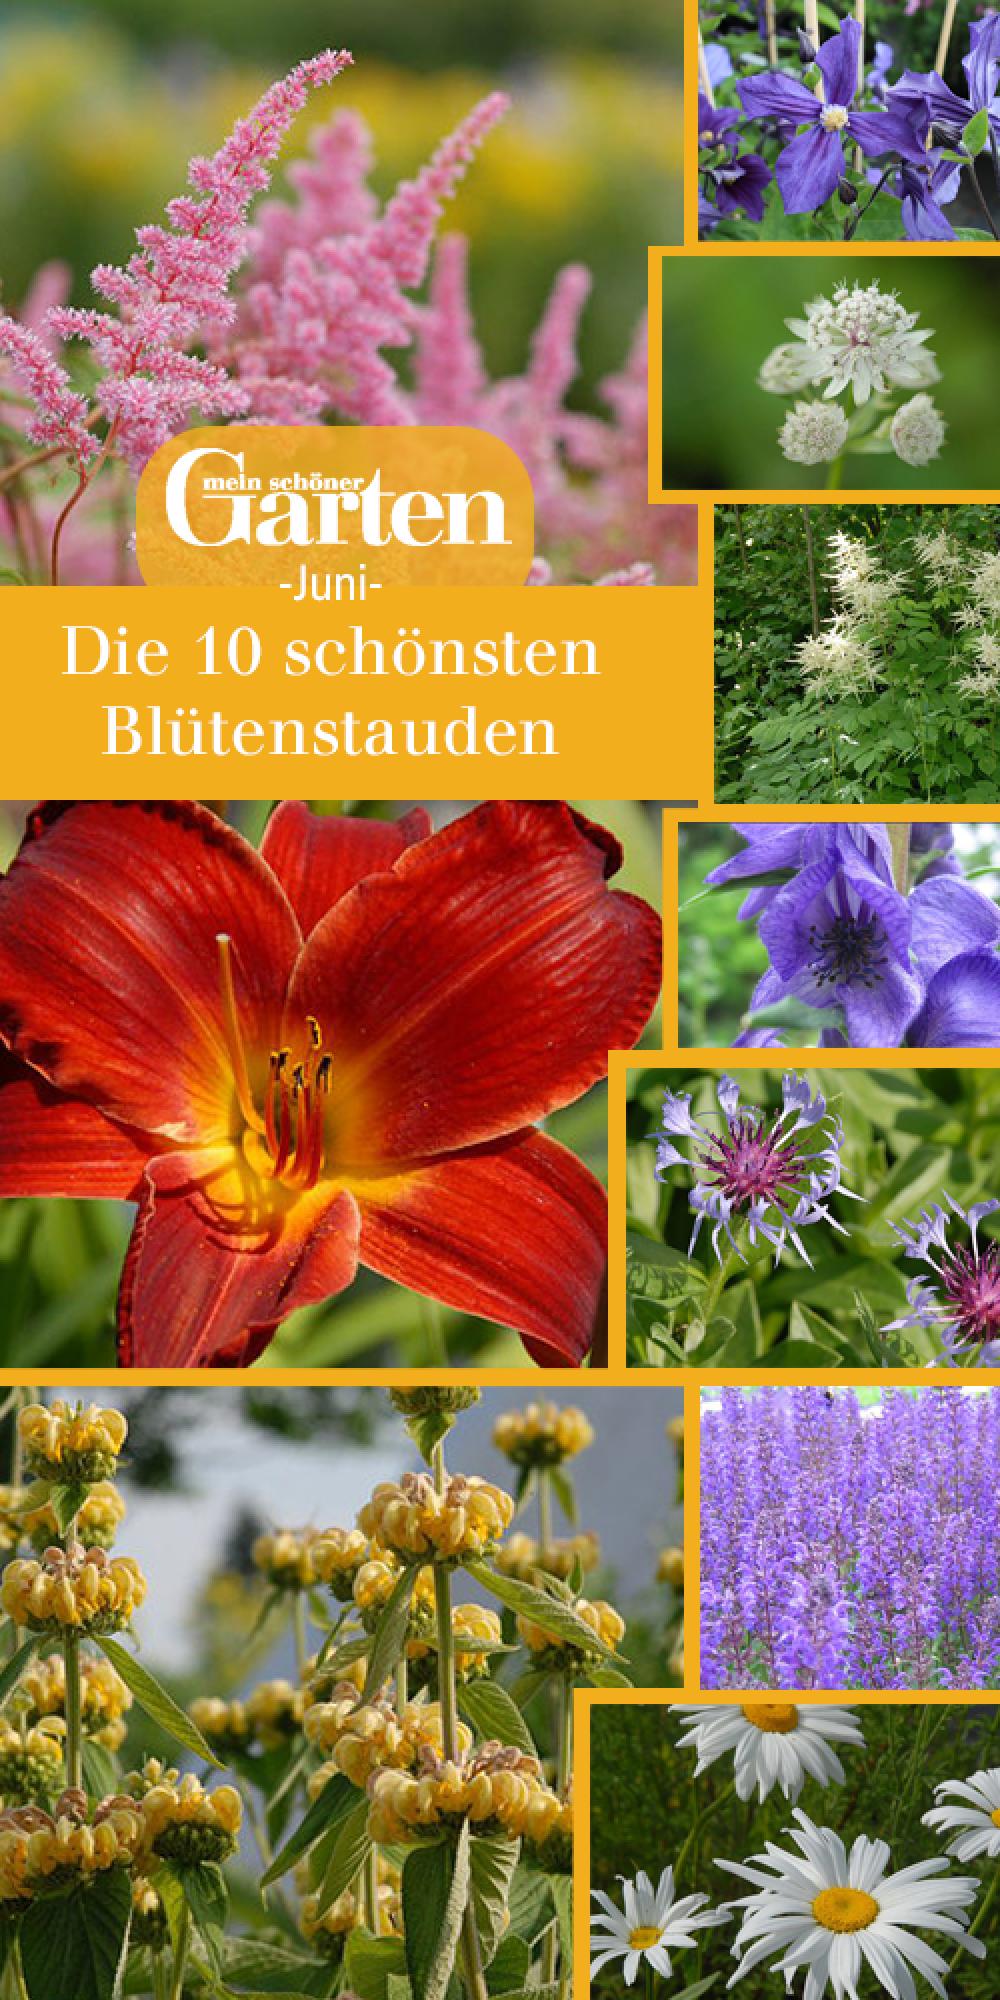 Die 10 schönsten Blütenstauden im Juni | Stauden, Schöne gärten ...